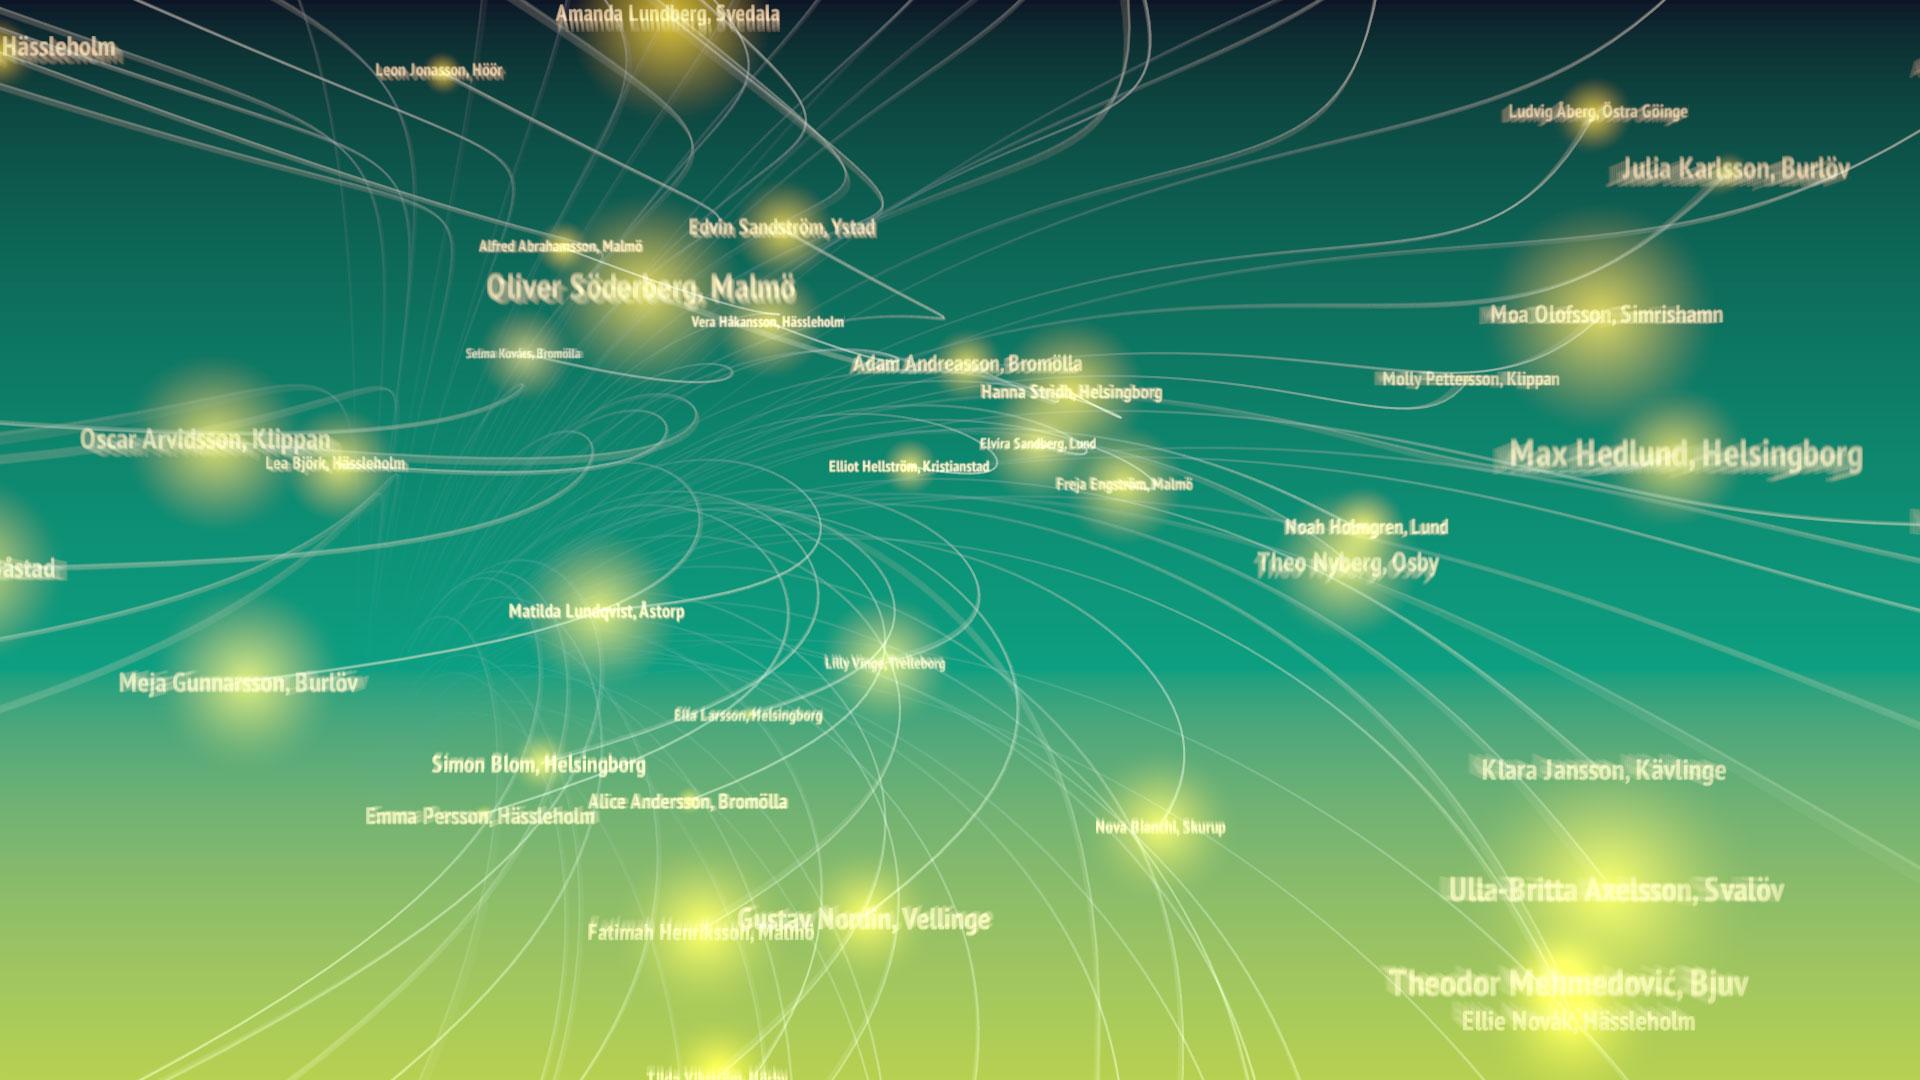 Stillbild från animation med konferensdeltagarnas namn